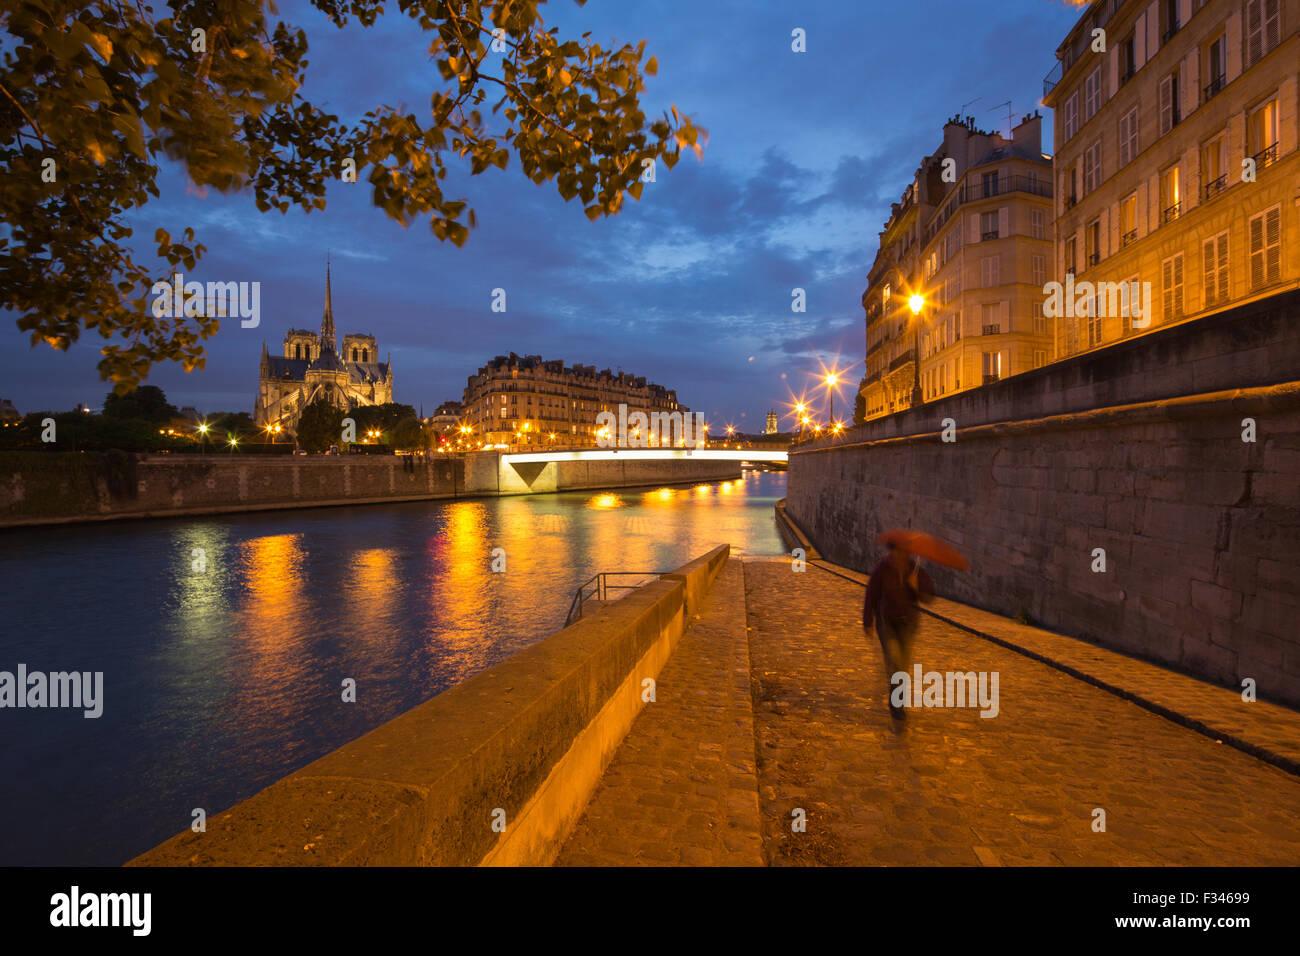 Cathédrale Notre-Dame et l'Île de la Cité de l'Ile St Louis la nuit, Paris, France Photo Stock